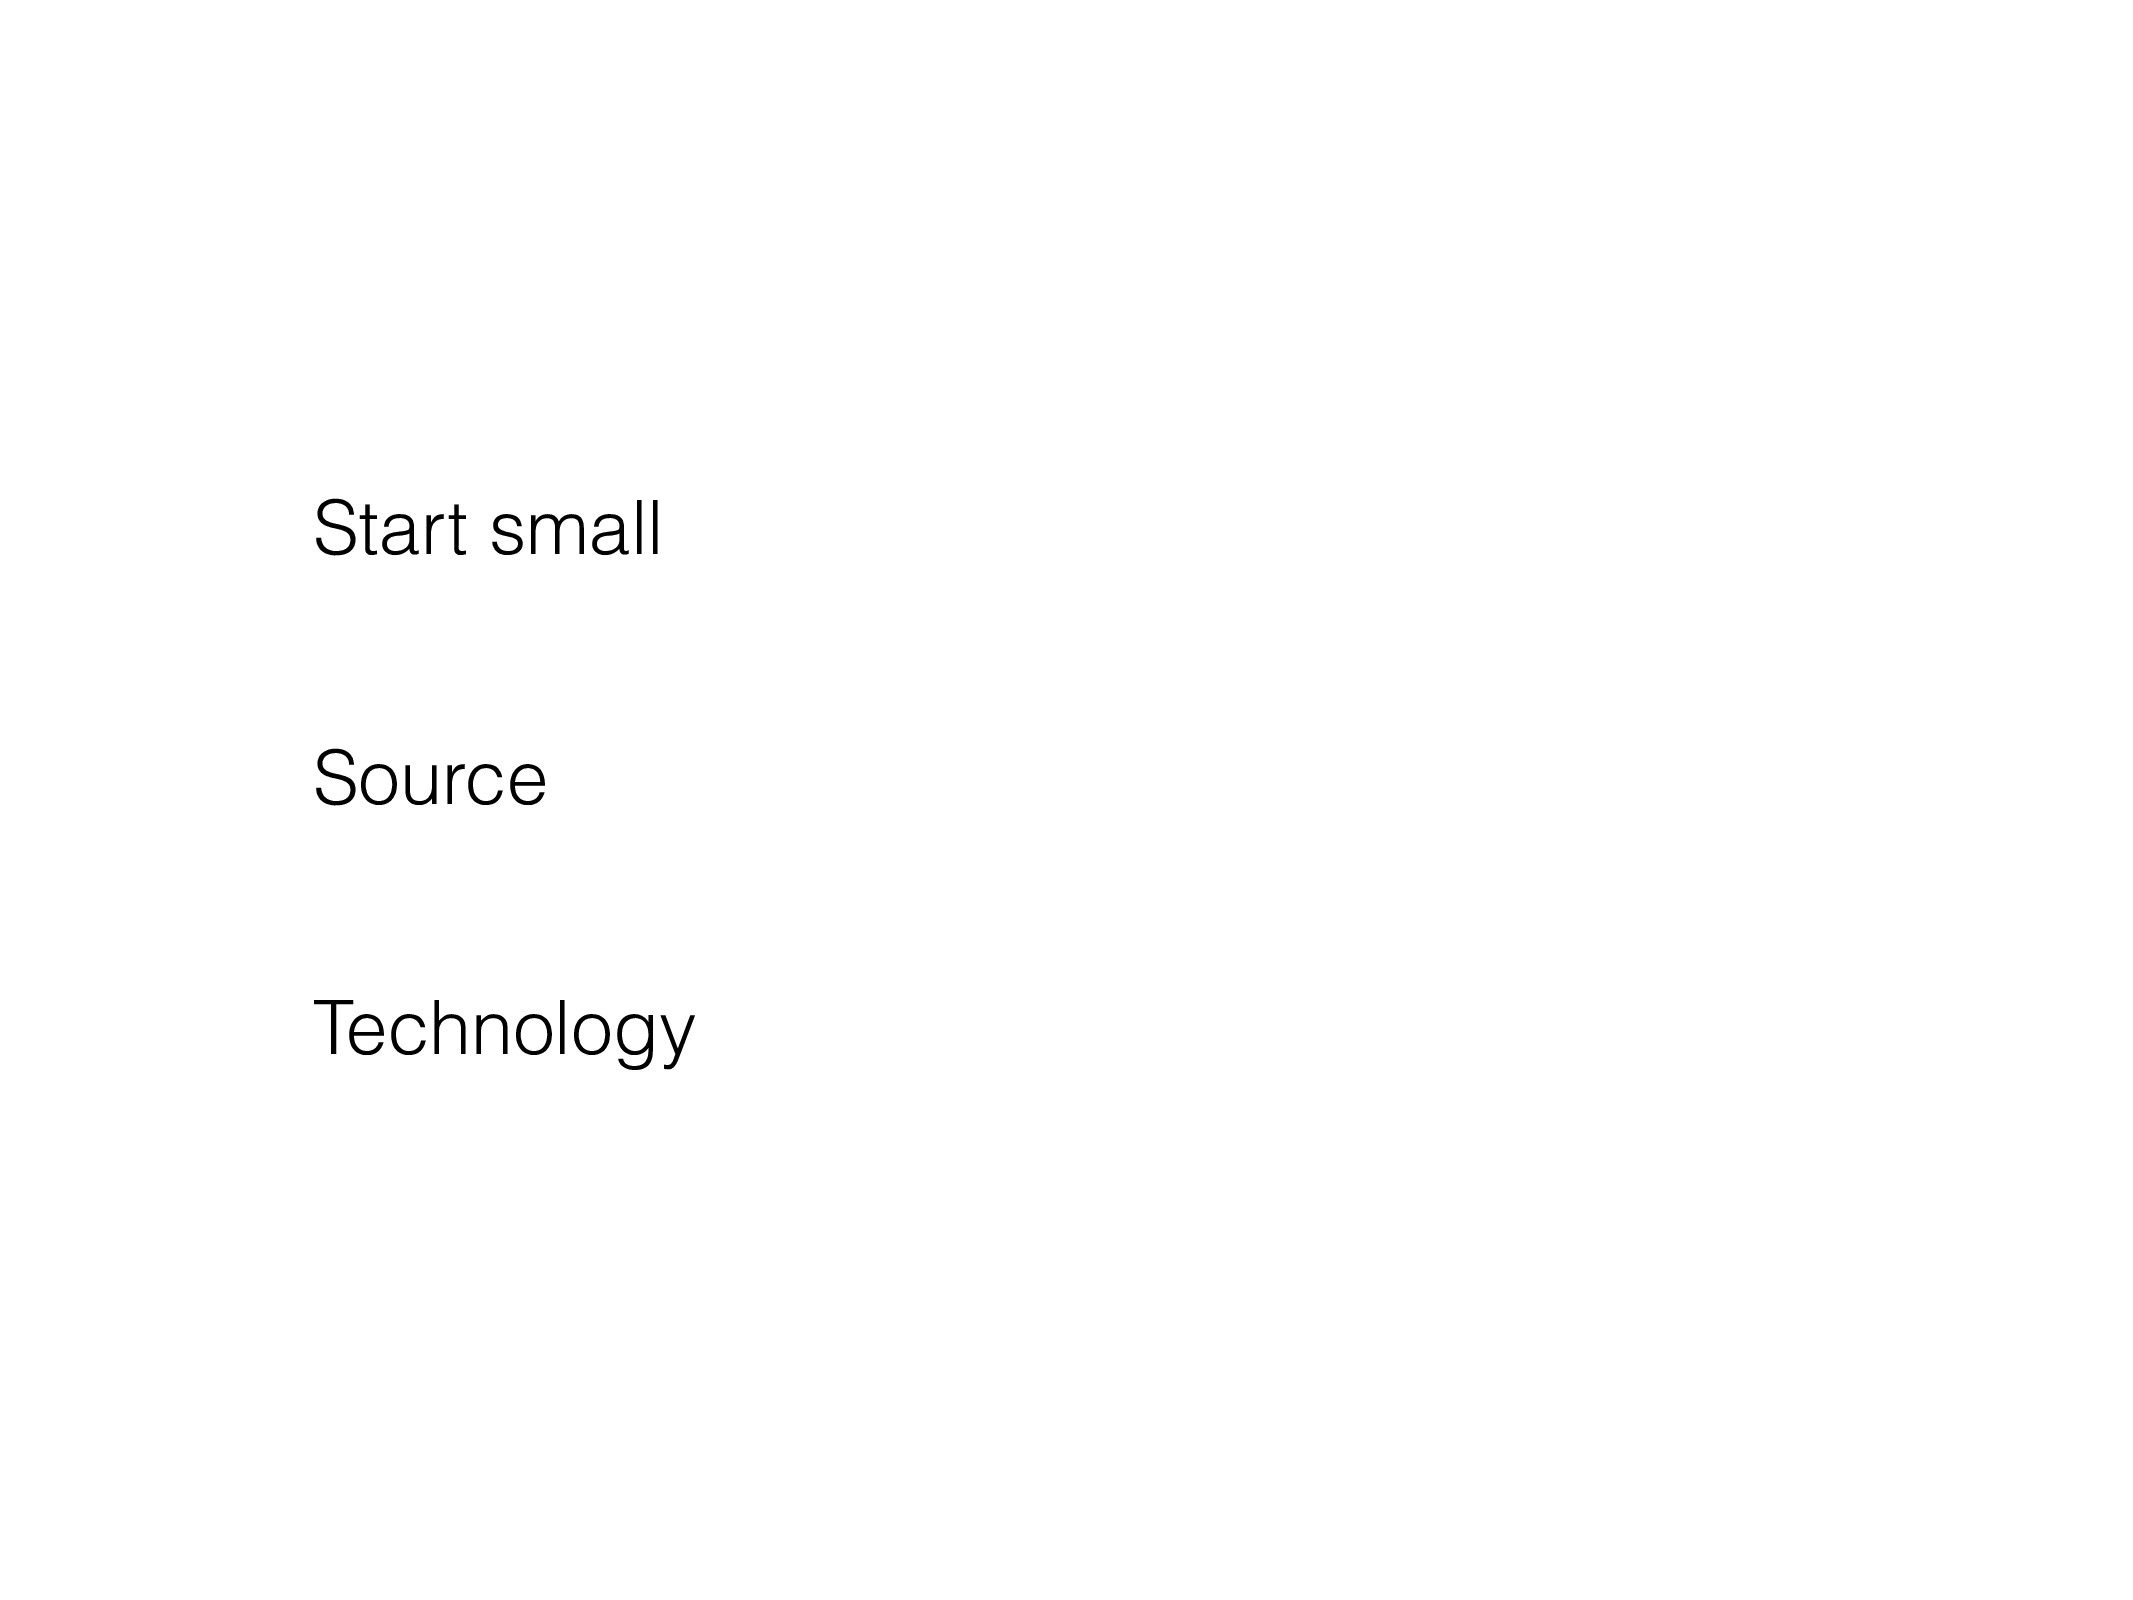 Start small Source Technology